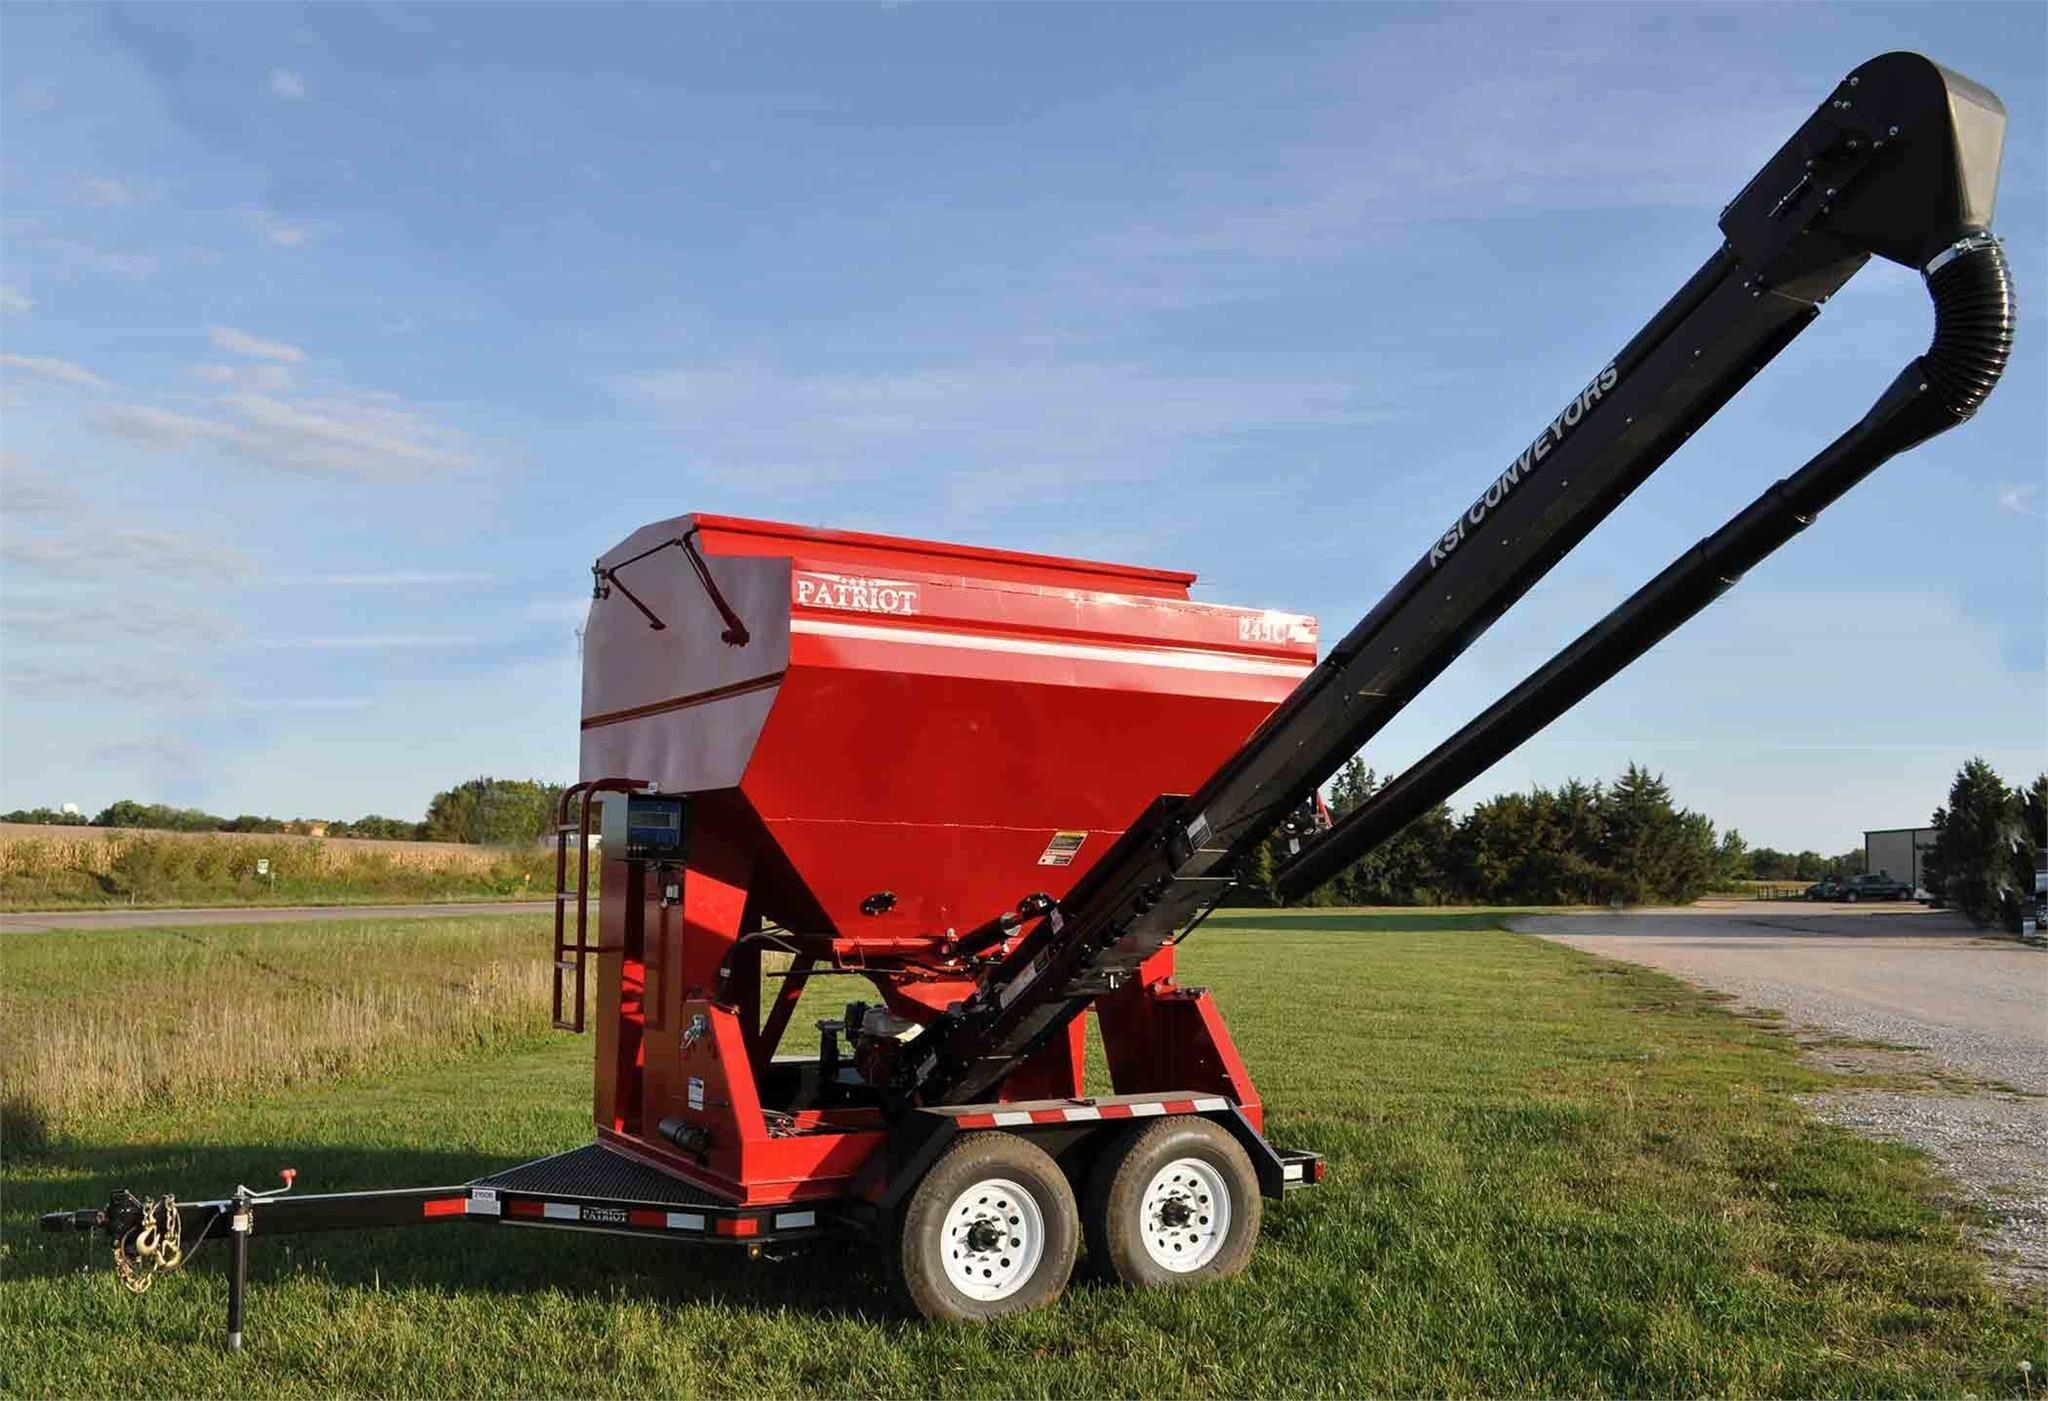 2020 Patriot 245C Seed Tender